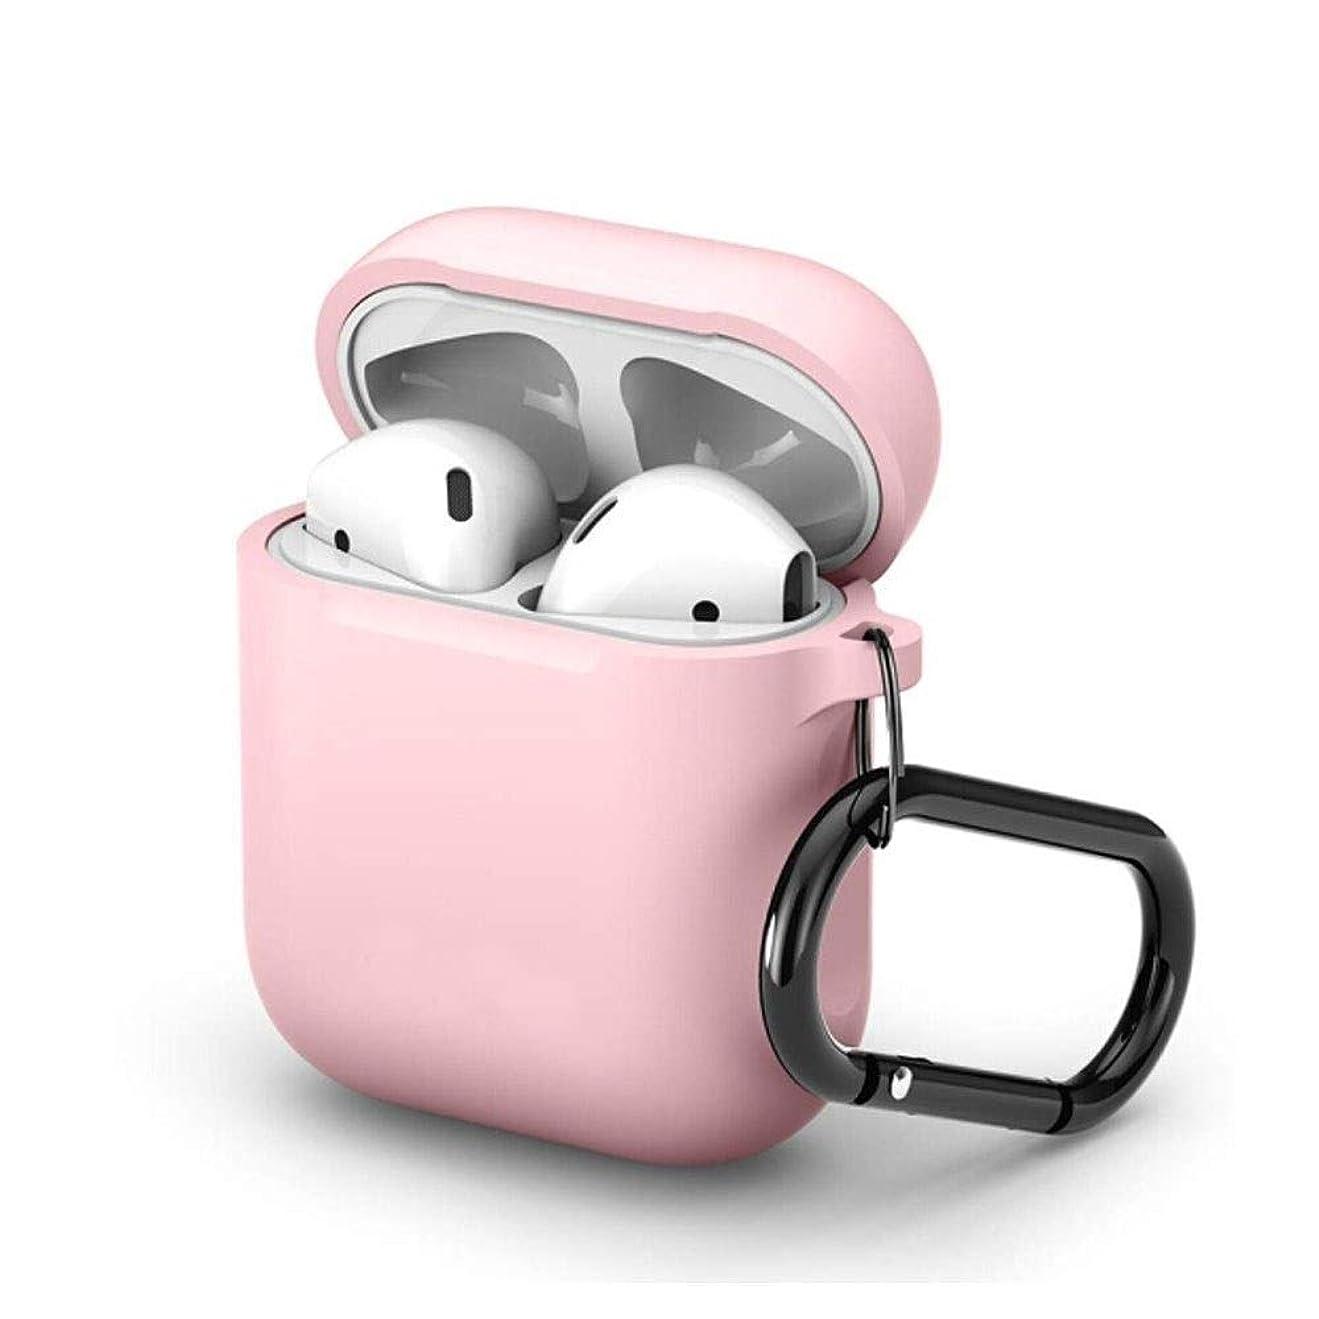 スクワイア喪医療のKYK ヘッドフォンカバー、紛失防止AirPods 1世代2世代保護カバー、保護ケースシェルワイヤレスBluetoothヘッドセット充電ボックス、ソフトシリコンスリーブ新しい保護カバー (Color : Pink)